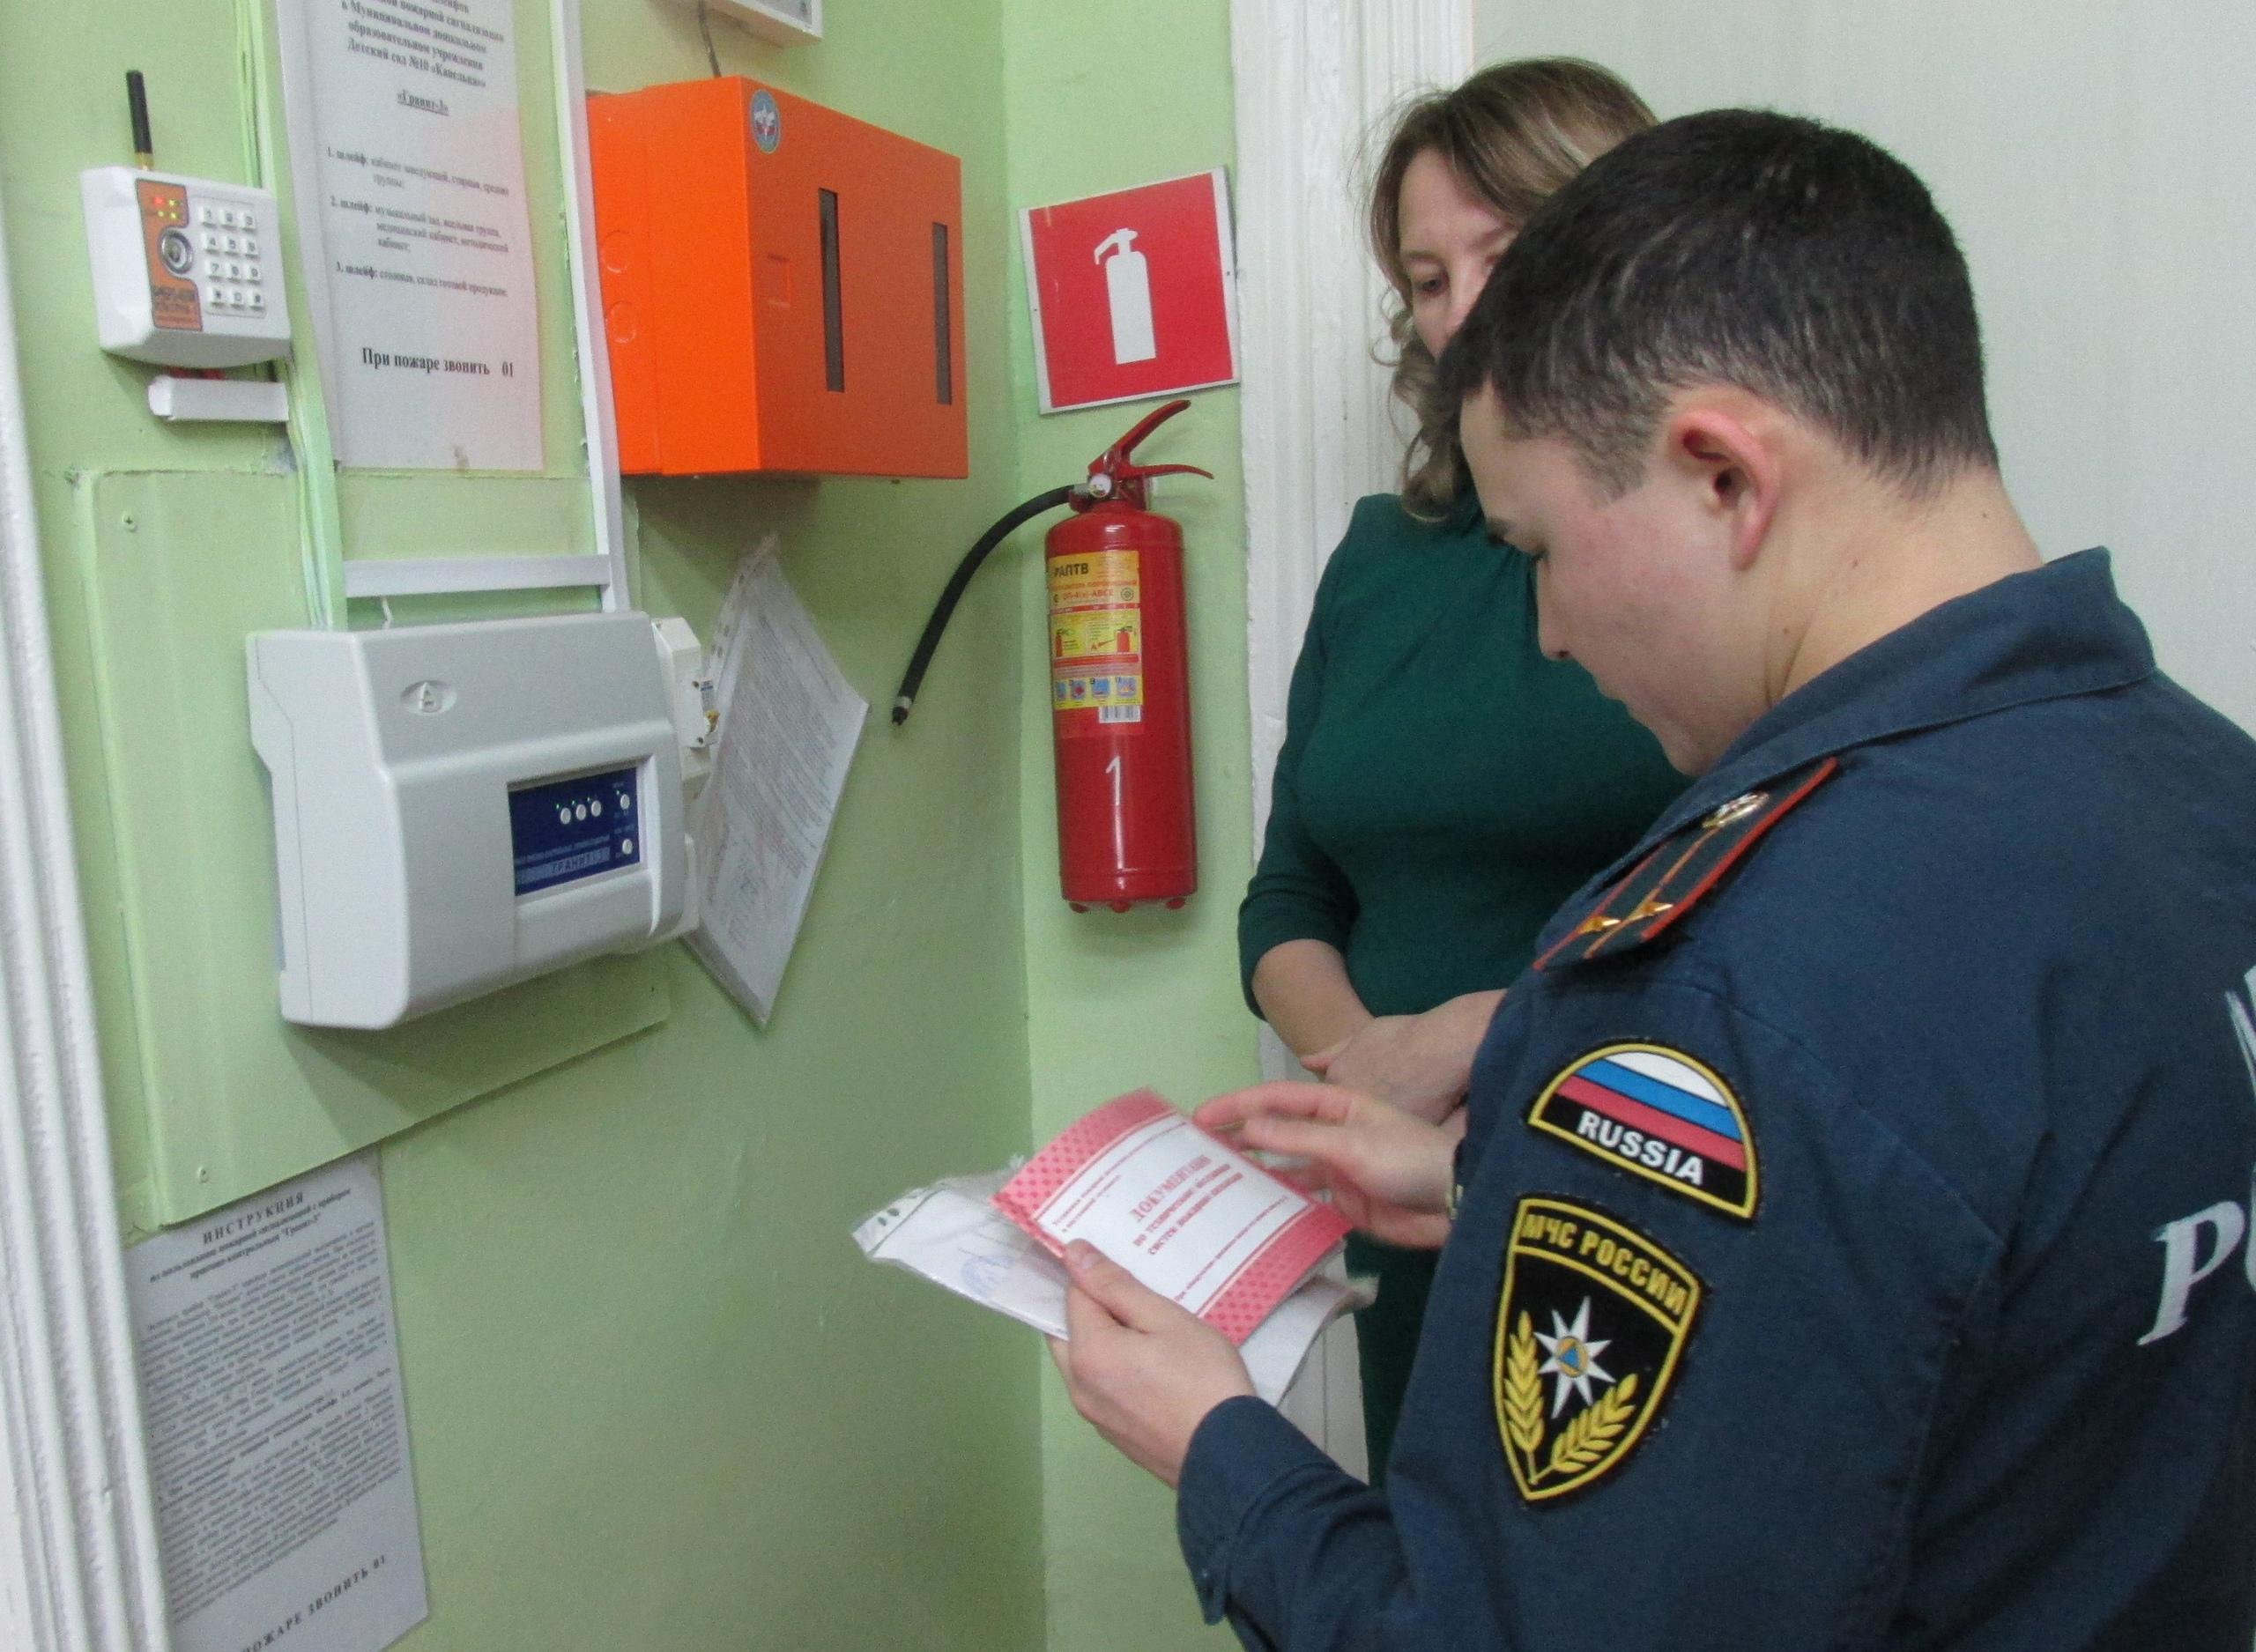 МЧС выдает заключение о соответствии пожарной безопасности при вводе объектов в эксплуатацию, в ряде других случаев.